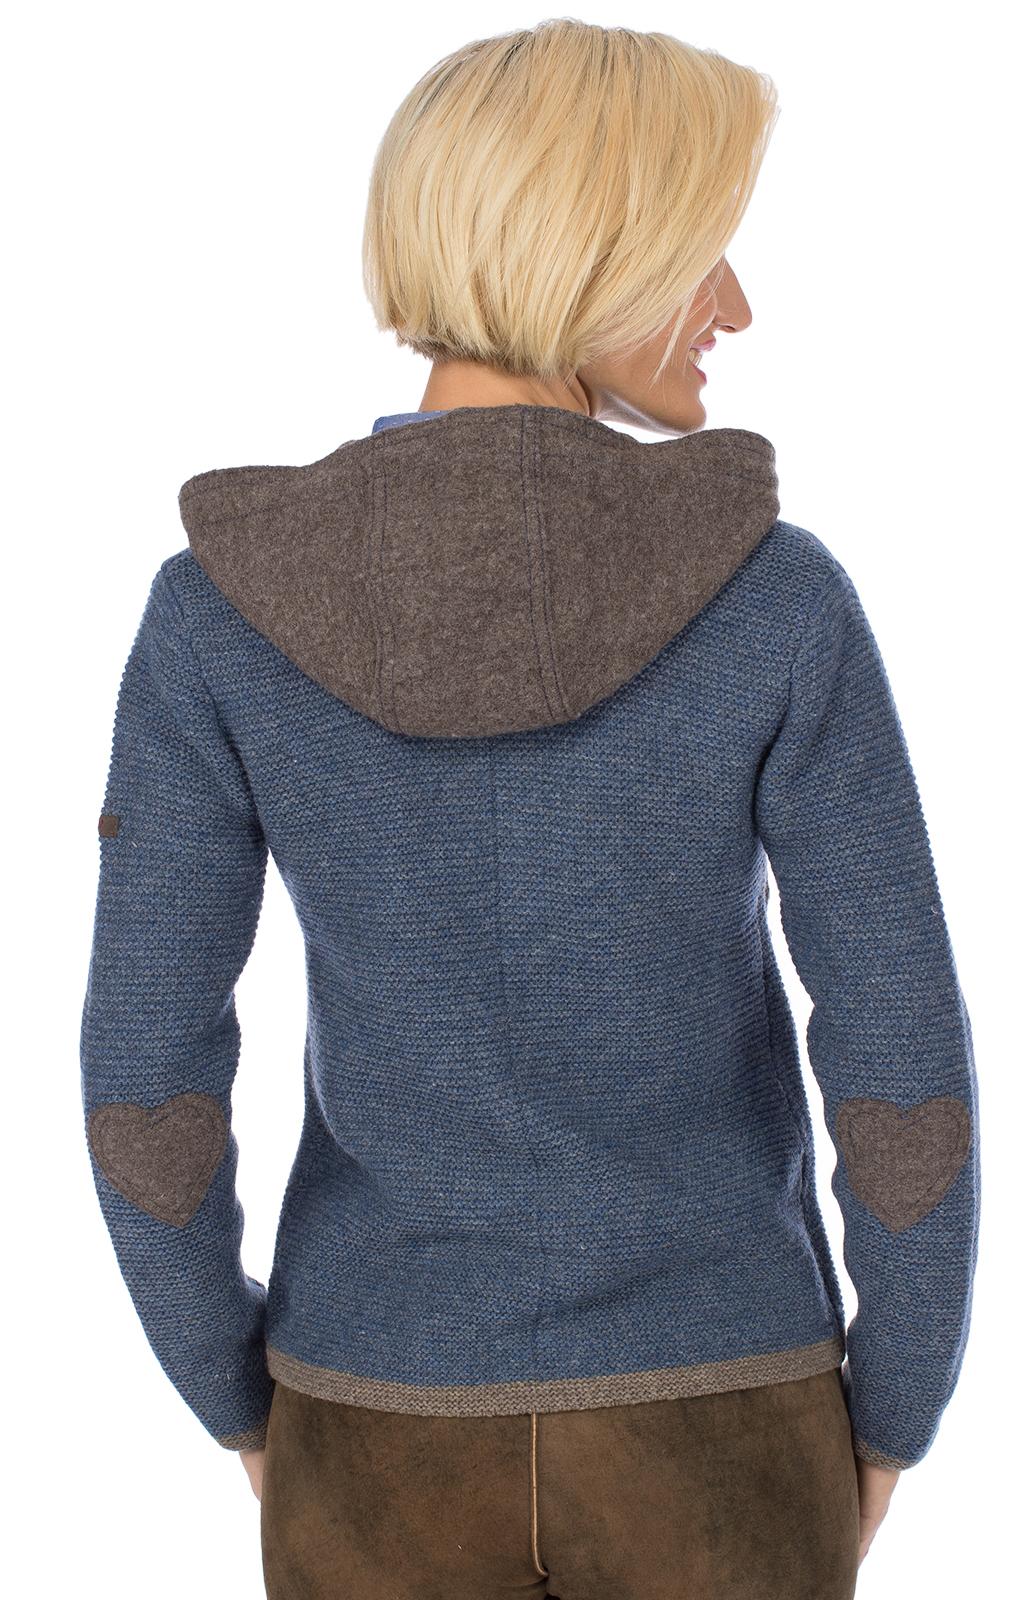 weitere Bilder von Traditional Cardigan HALLSTATT Hoodie jeans blue brown